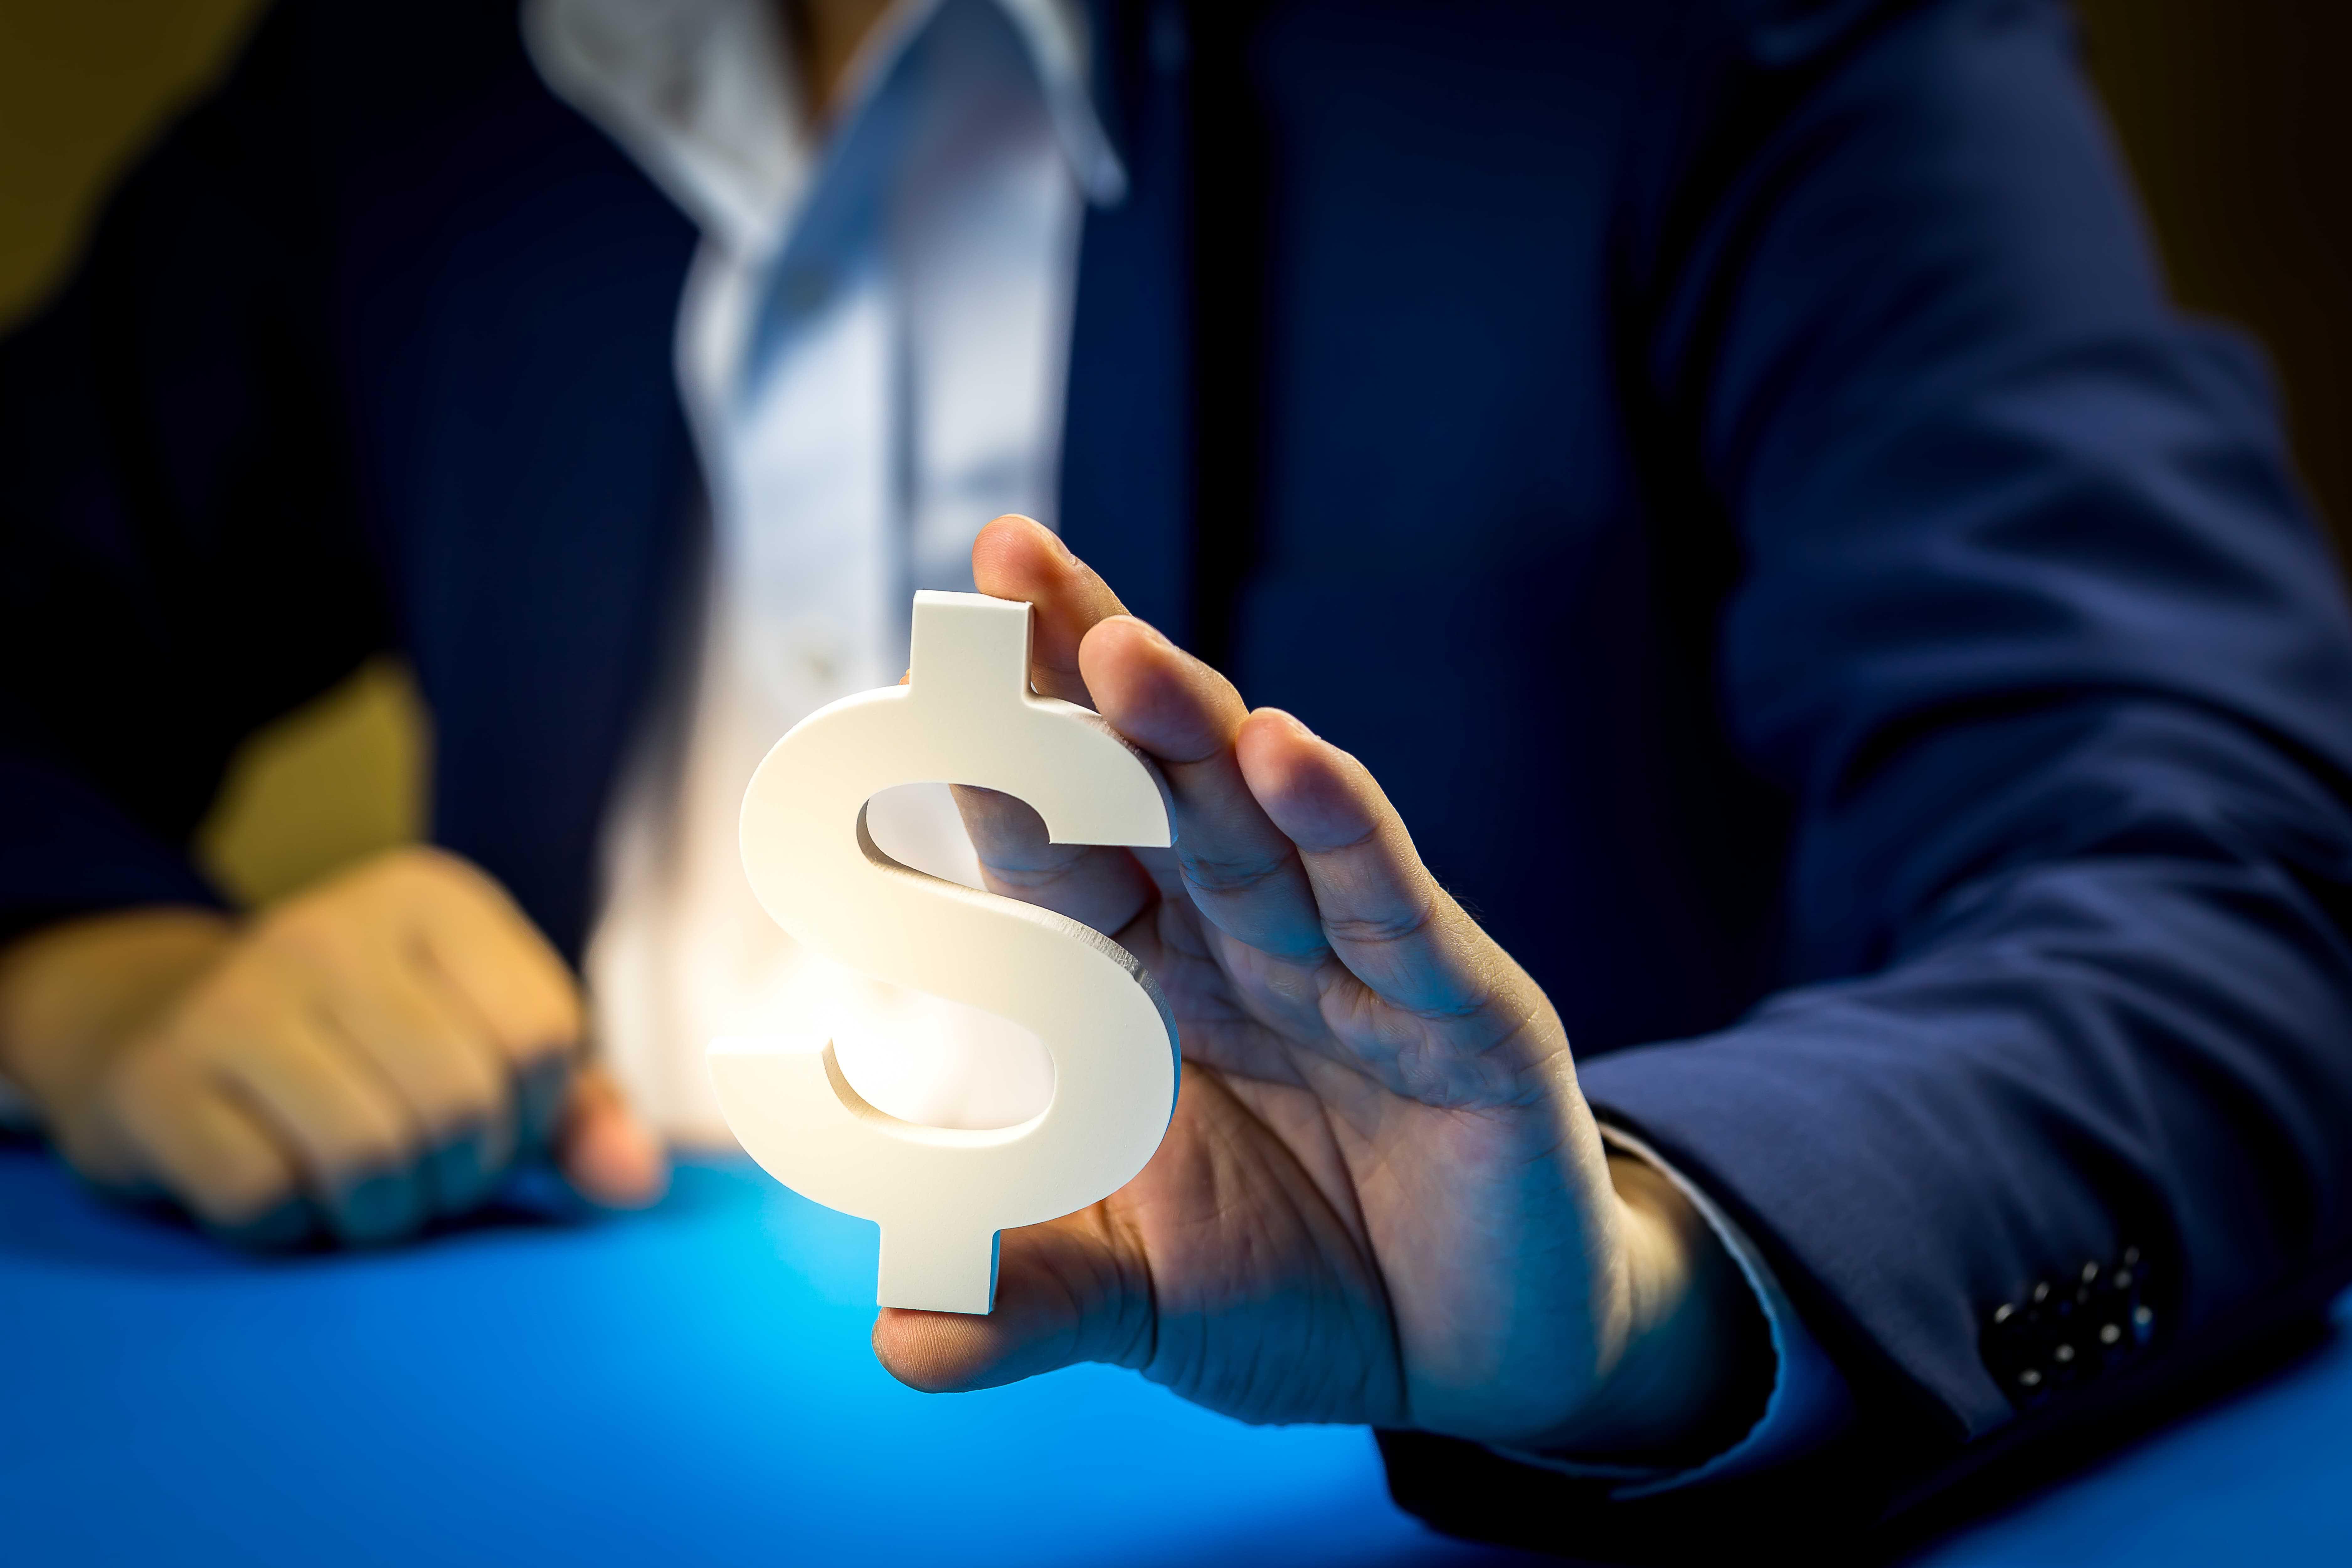 Tudo o que você precisa saber sobre lucratividade – mas ninguém nunca contou - Administrar Online - Terceirização do Financeiro - BPO Financeiro